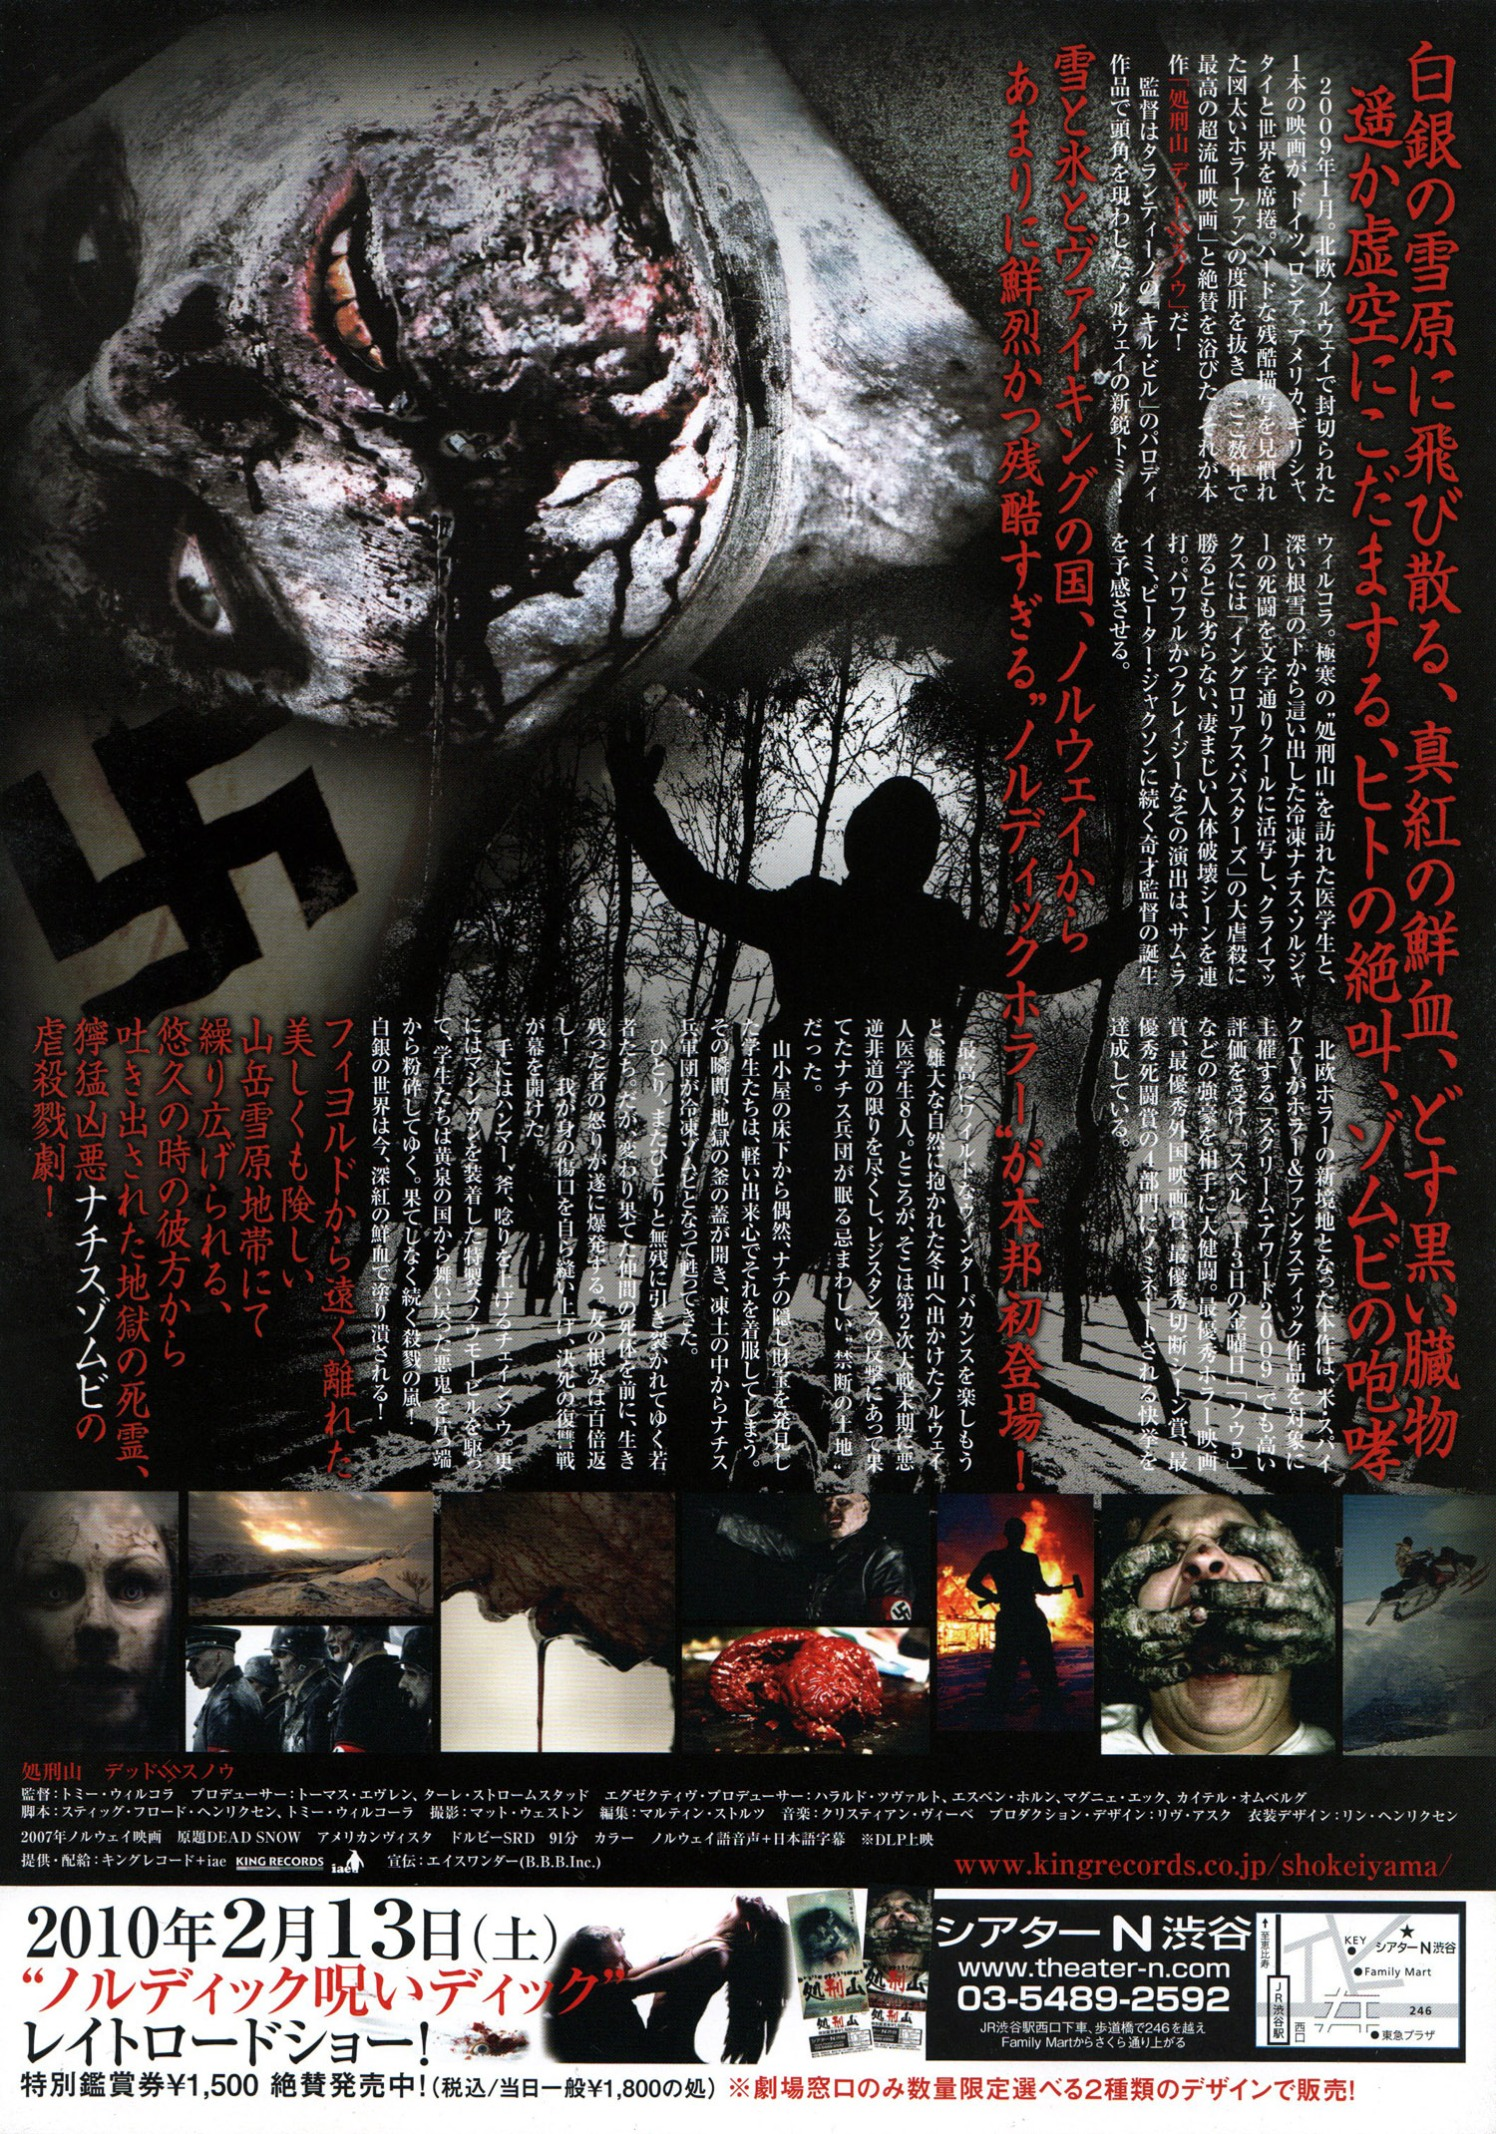 deadsnow-japan-2